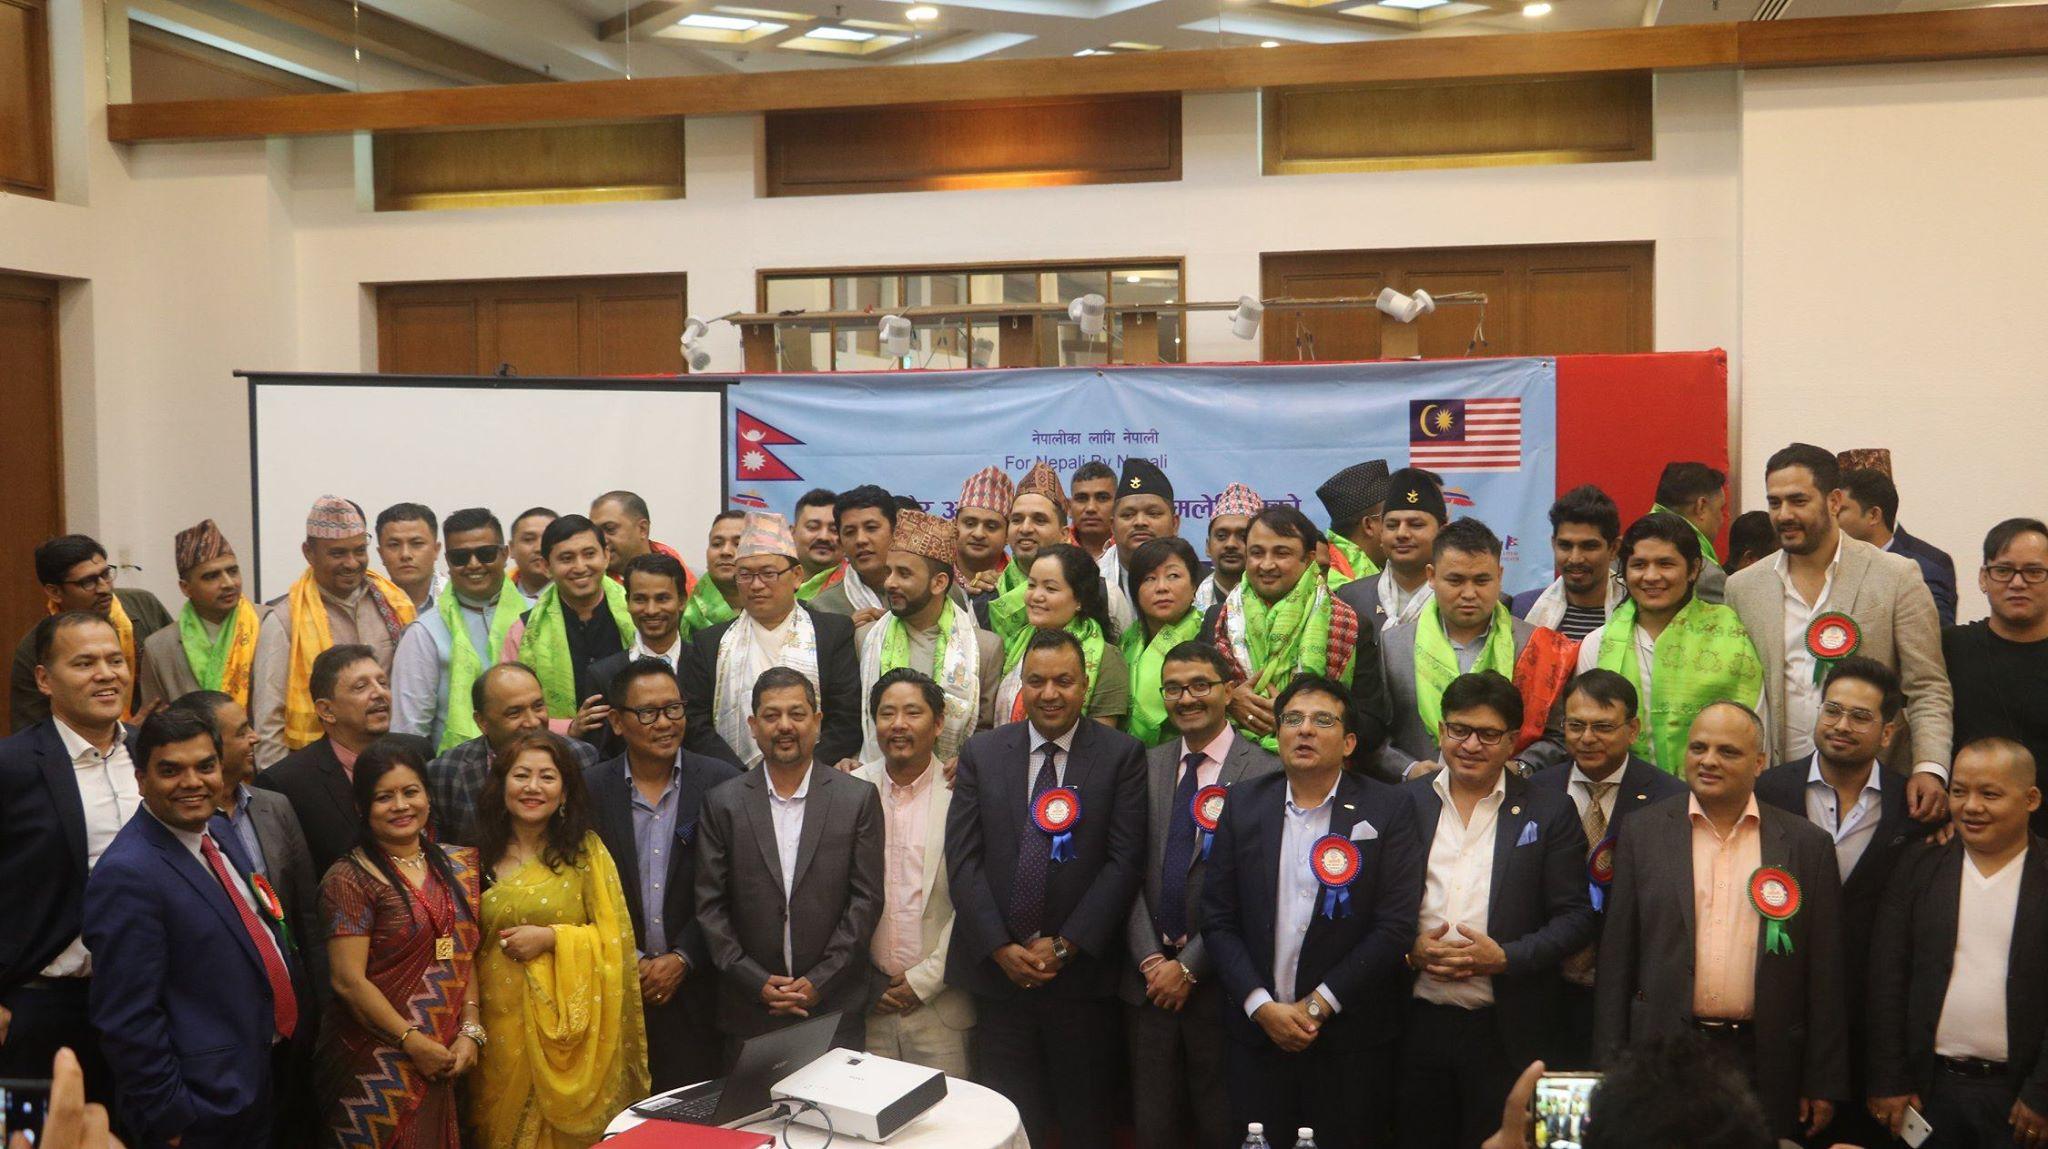 एनआरएनए मलेसियाको छैटौं महाधिबेशन सम्पन्न, आइसीसी नेतृत्वका आकाक्षीहरुको बाक्लो जमघट